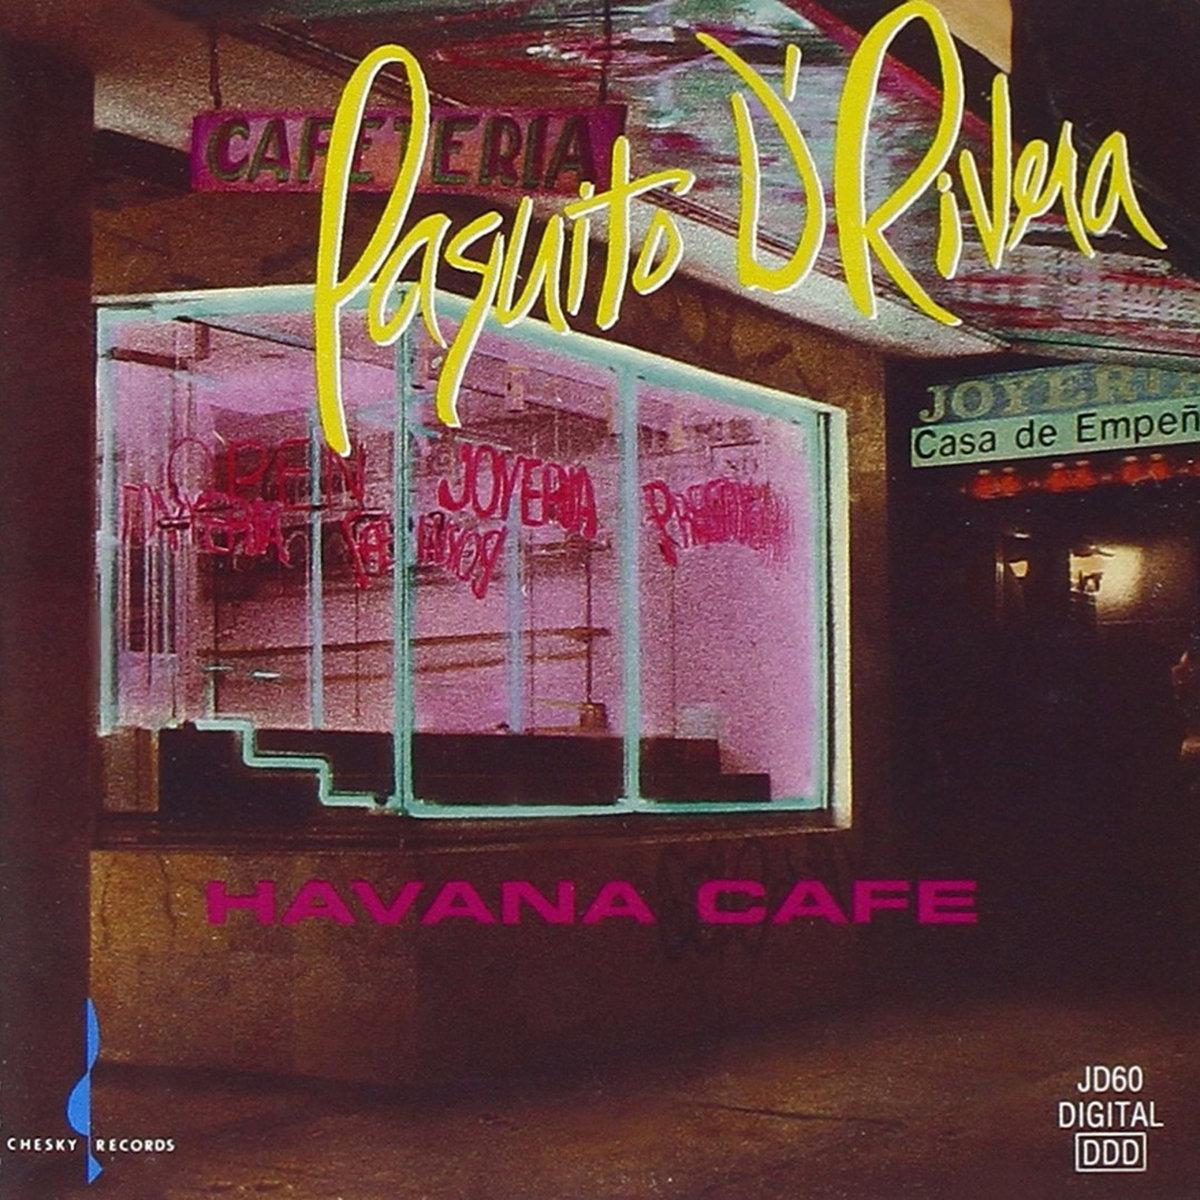 Havana Cafe | Paquito D'Rivera